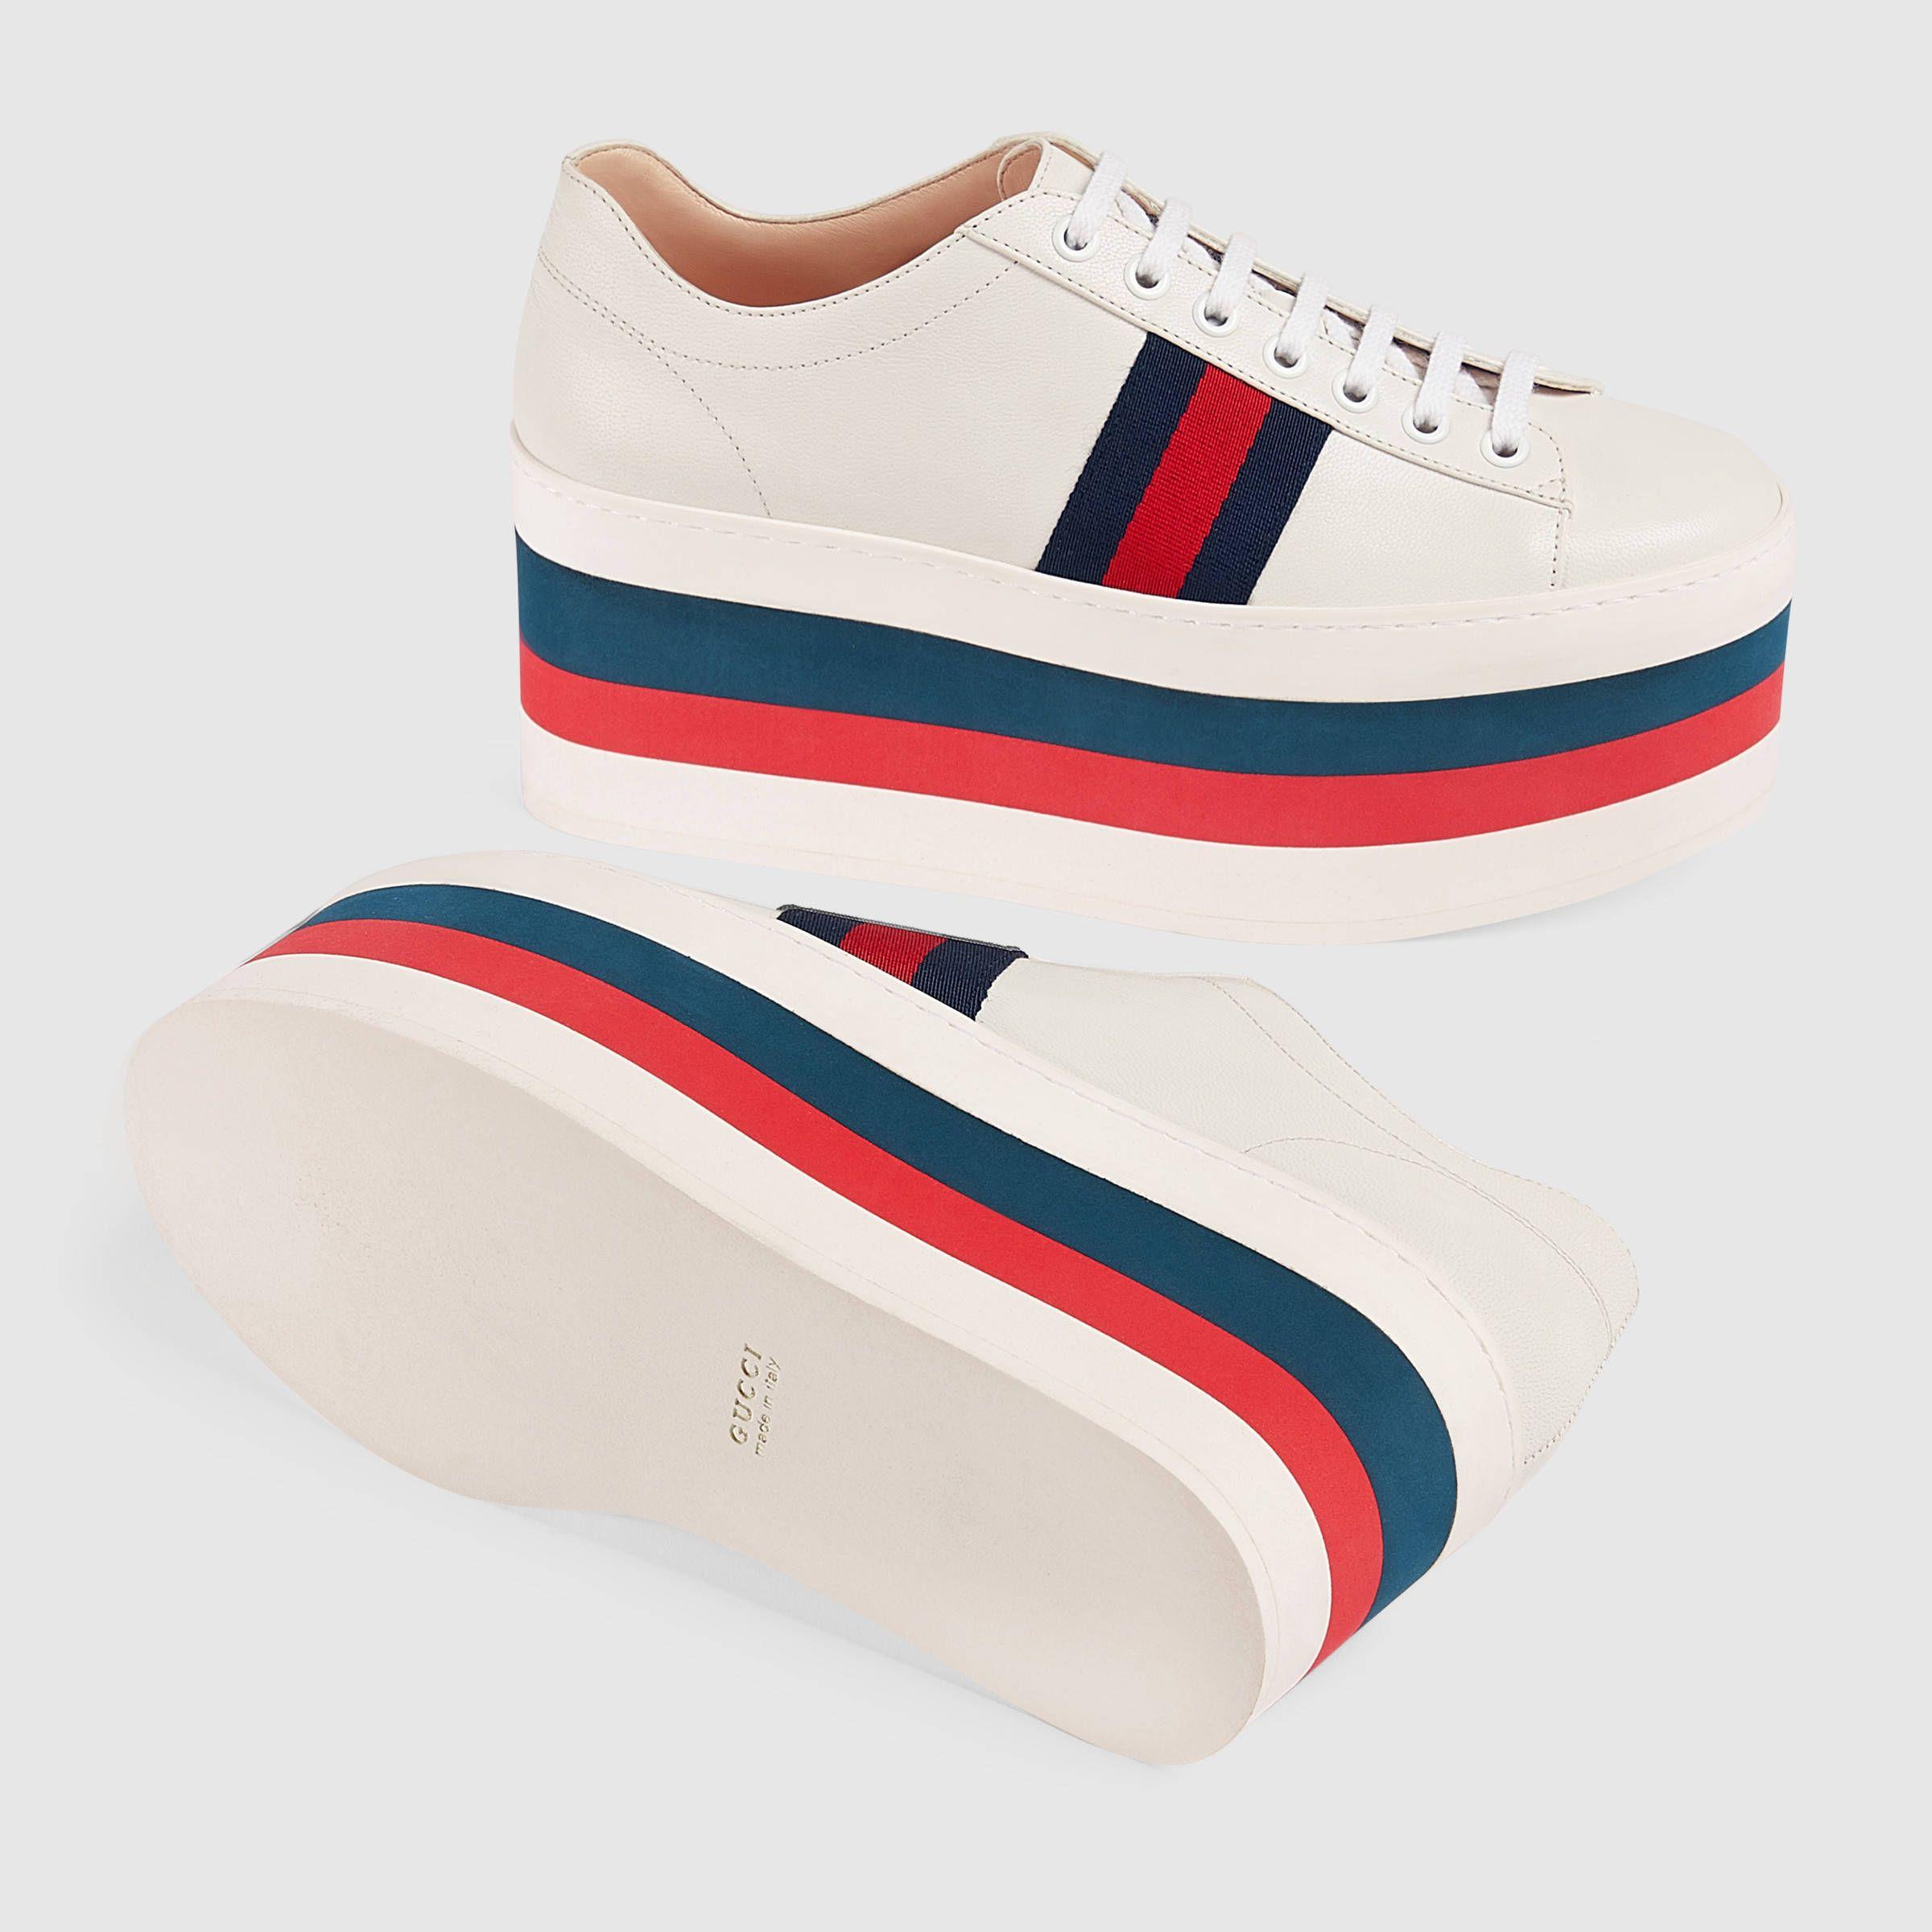 Chaussures De Sport Pour Les Femmes En Vente, Blanc Cassé, Cuir, 2017, 35 35,5 Fendi